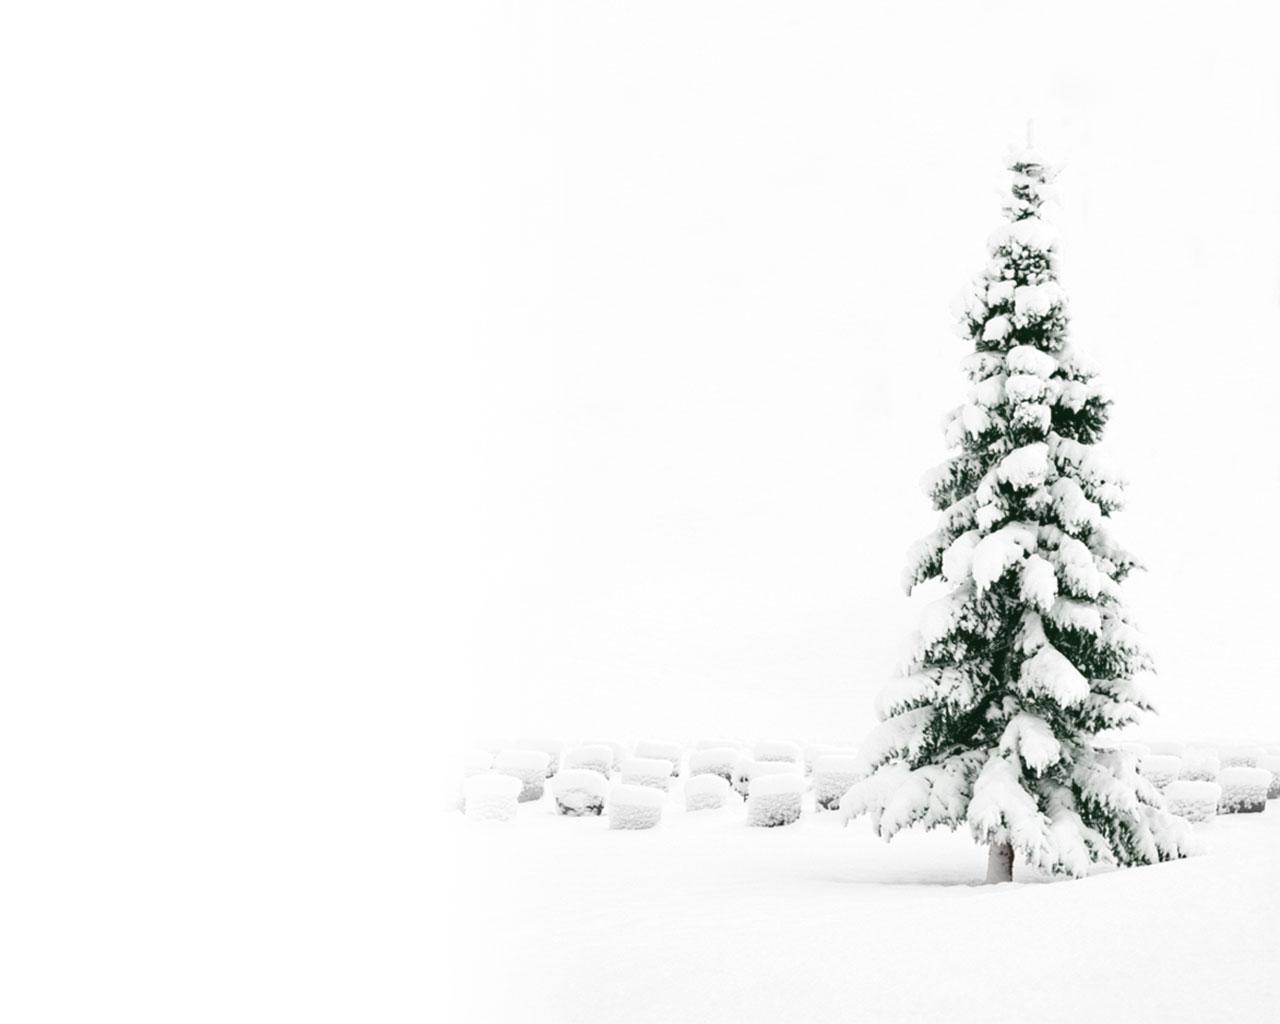 WallpapersKu: Christmas Wallpapers